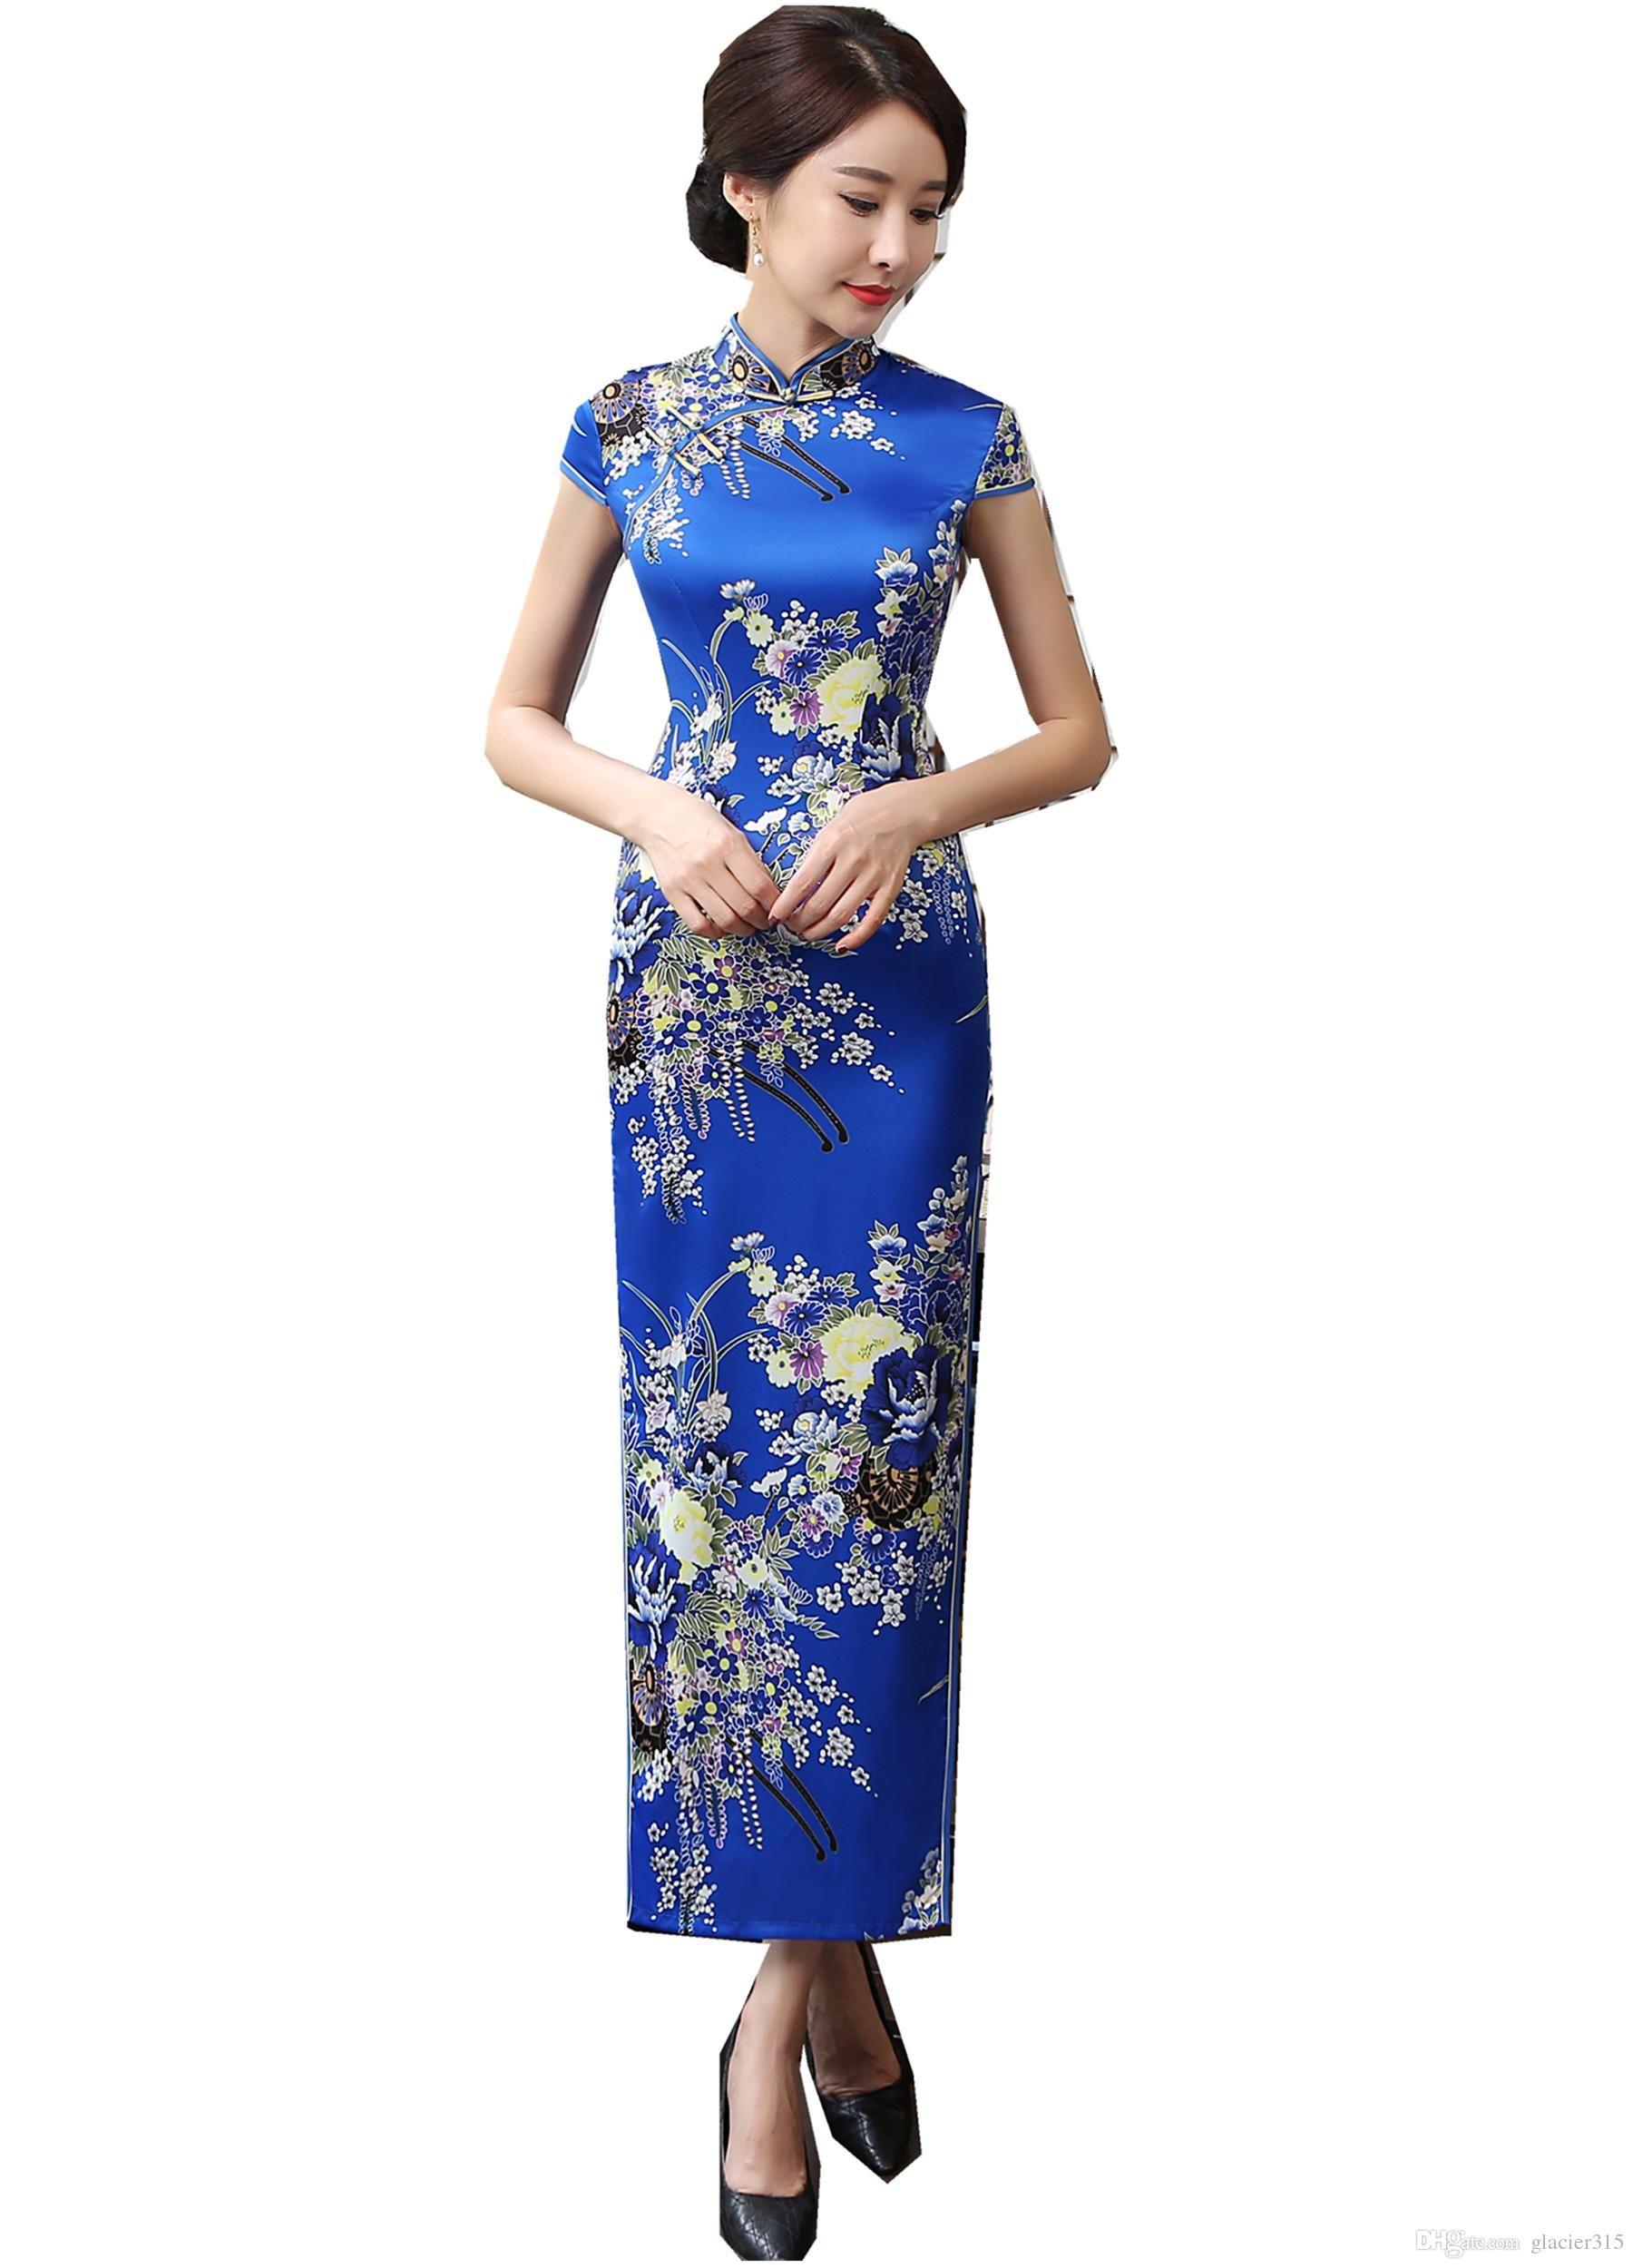 Free Shipping Chinese Style Dress China Qipao Dress Evening Dress Long Wedding Dress Cheongsam Chinese Tr Dresses Chinese Wedding Dress Traditional China Dress [ 2500 x 1800 Pixel ]